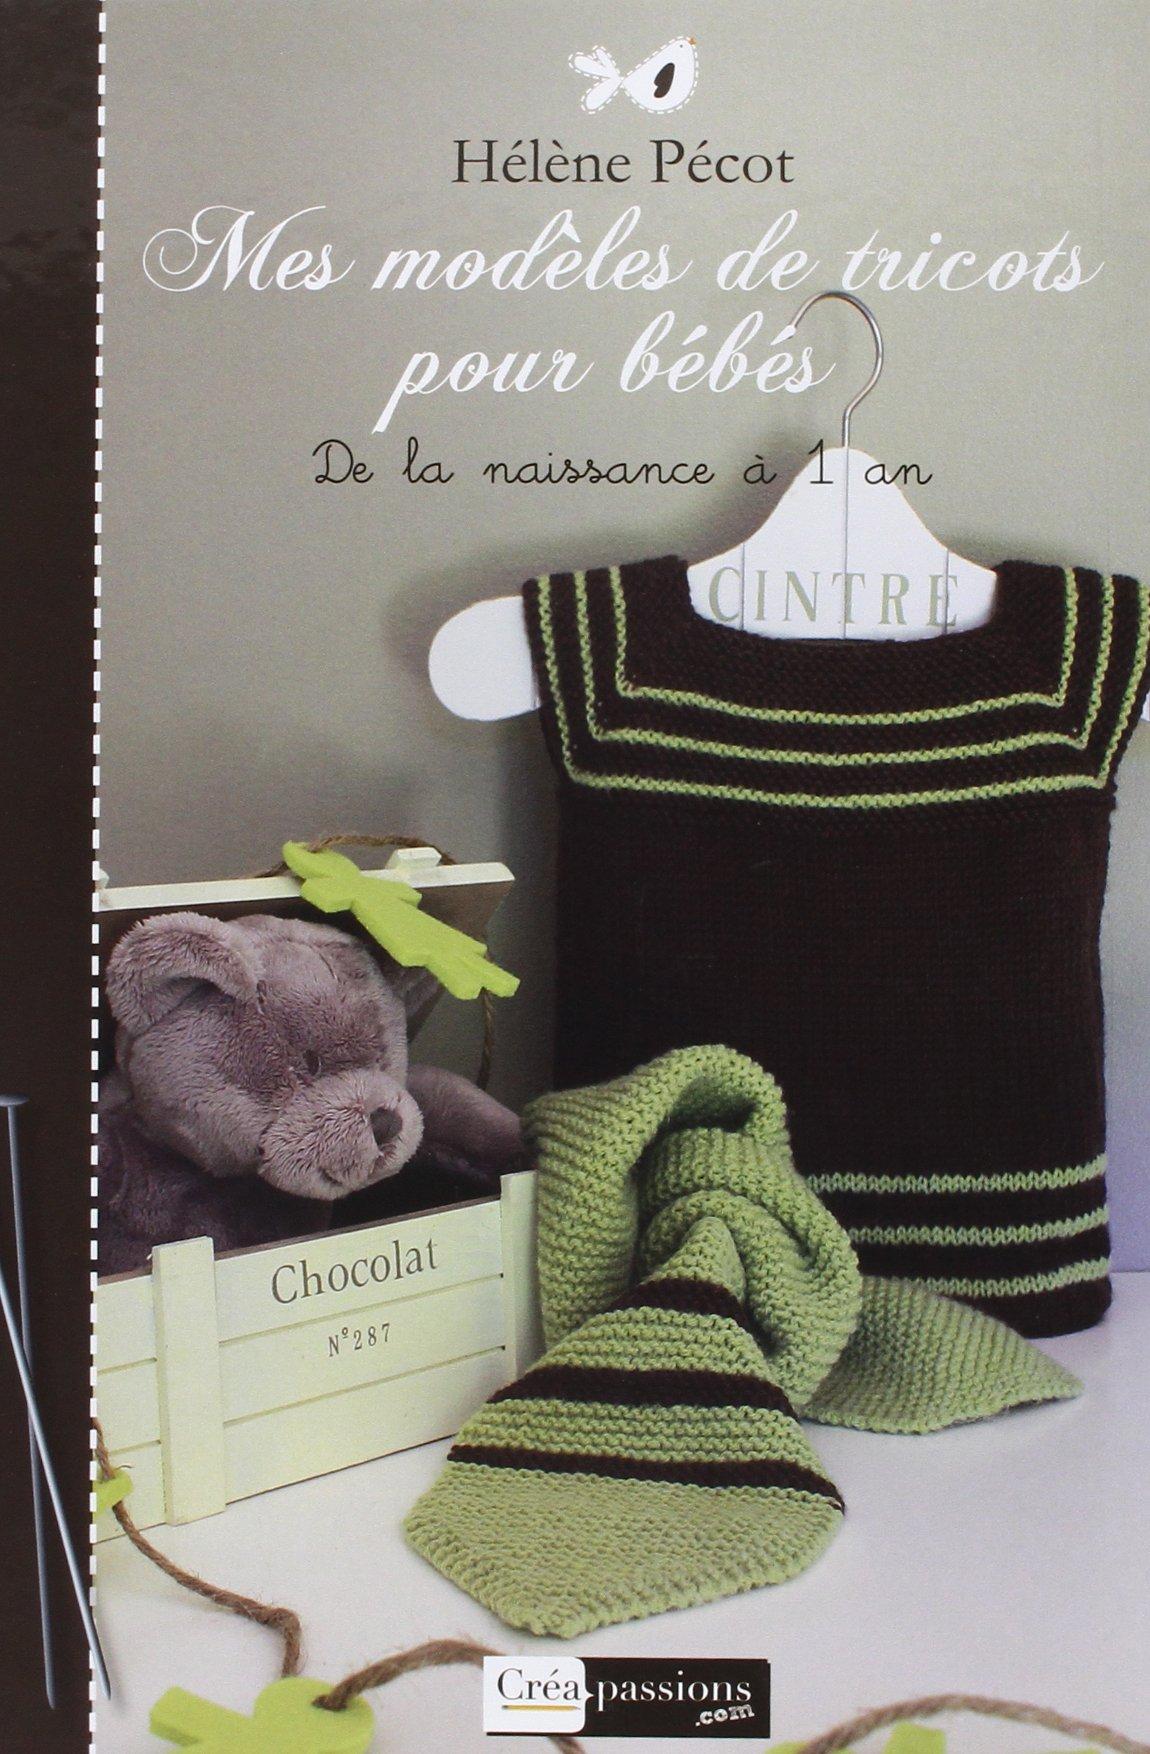 a1d6f5daf294 Amazon.fr - Mes modèles de tricot pour bébés - Hélène Pécot - Livres